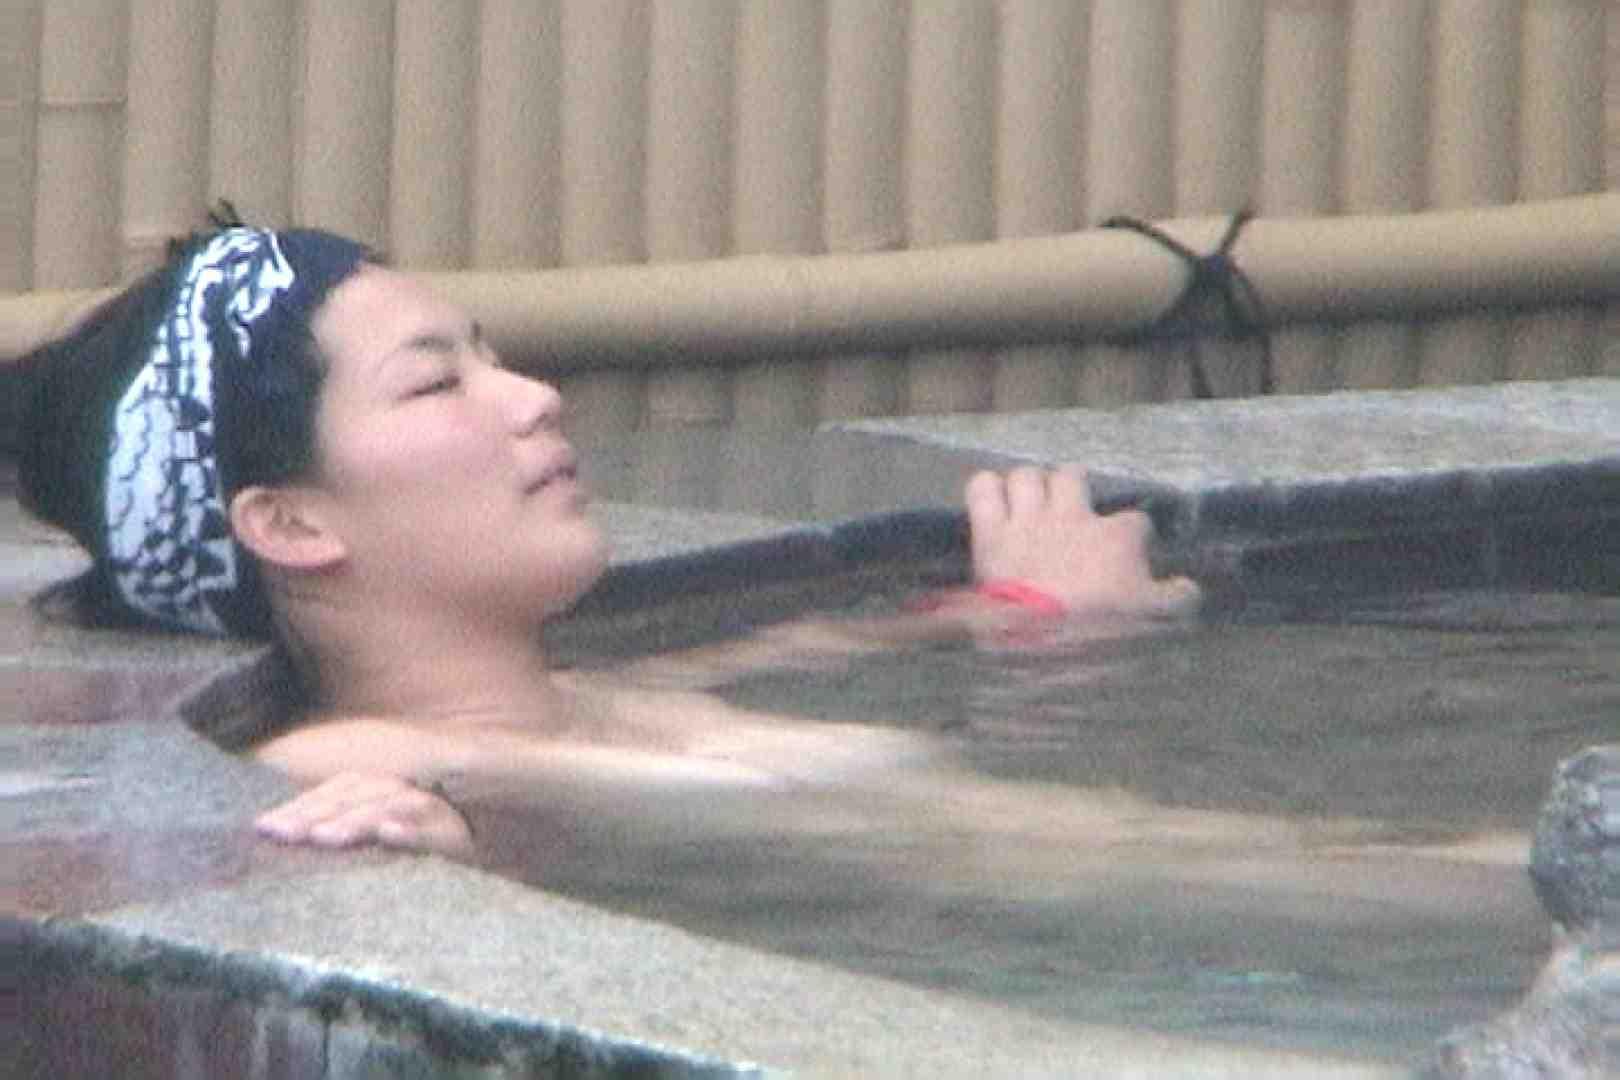 Aquaな露天風呂Vol.103 盗撮大放出 のぞき動画キャプチャ 71連発 23